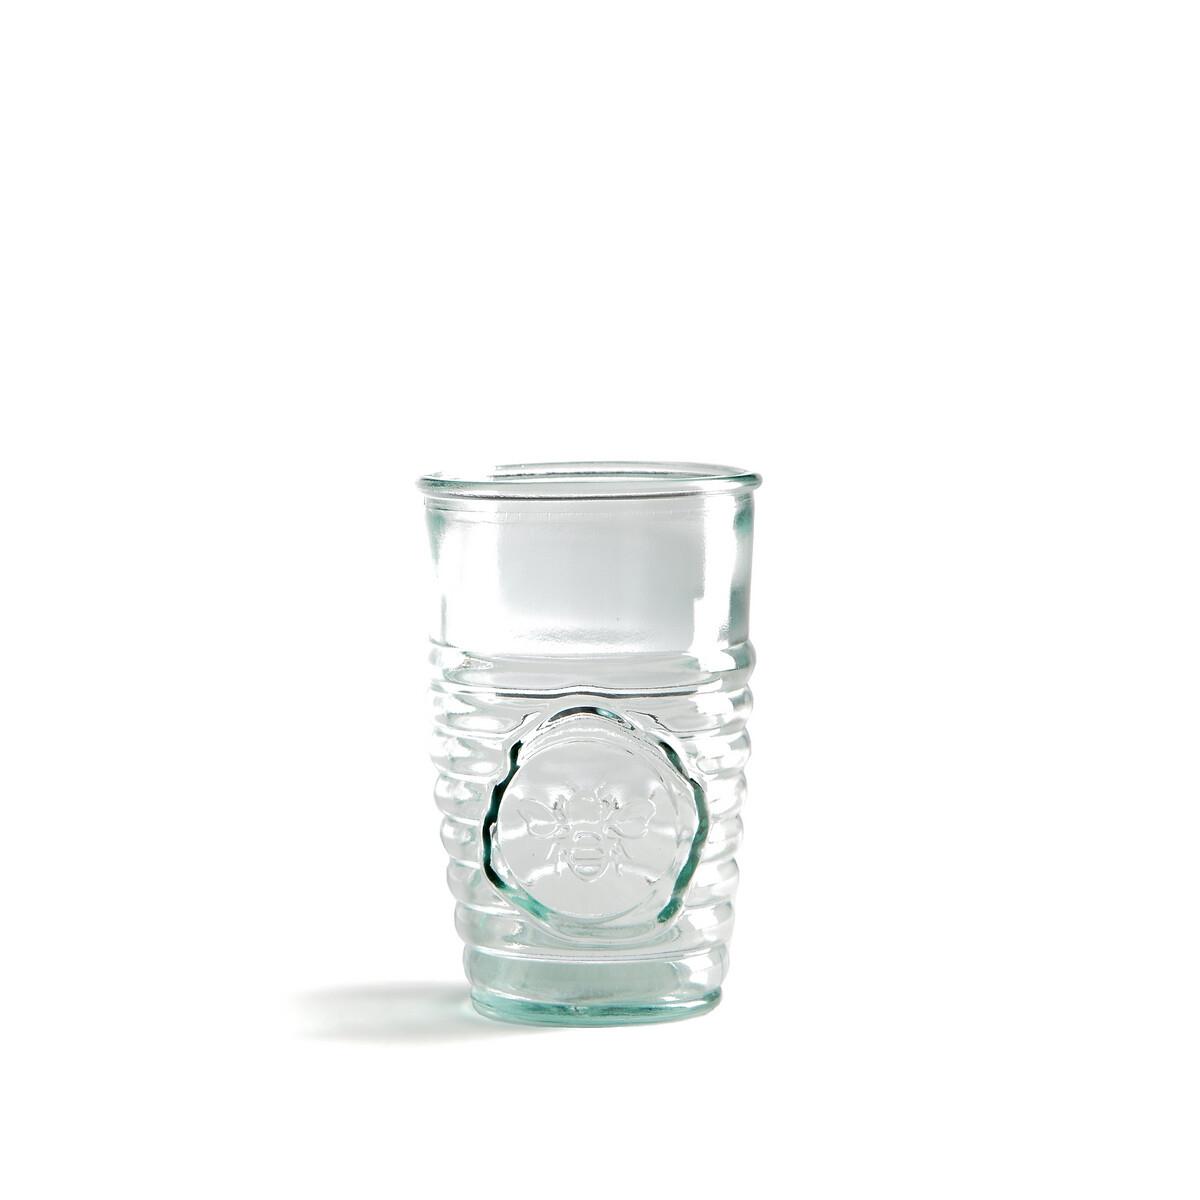 Комплект из 4 стаканов с LaRedoute Декором в виде пчел Tymian единый размер другие графин laredoute из дутого стекла calebasse единый размер другие